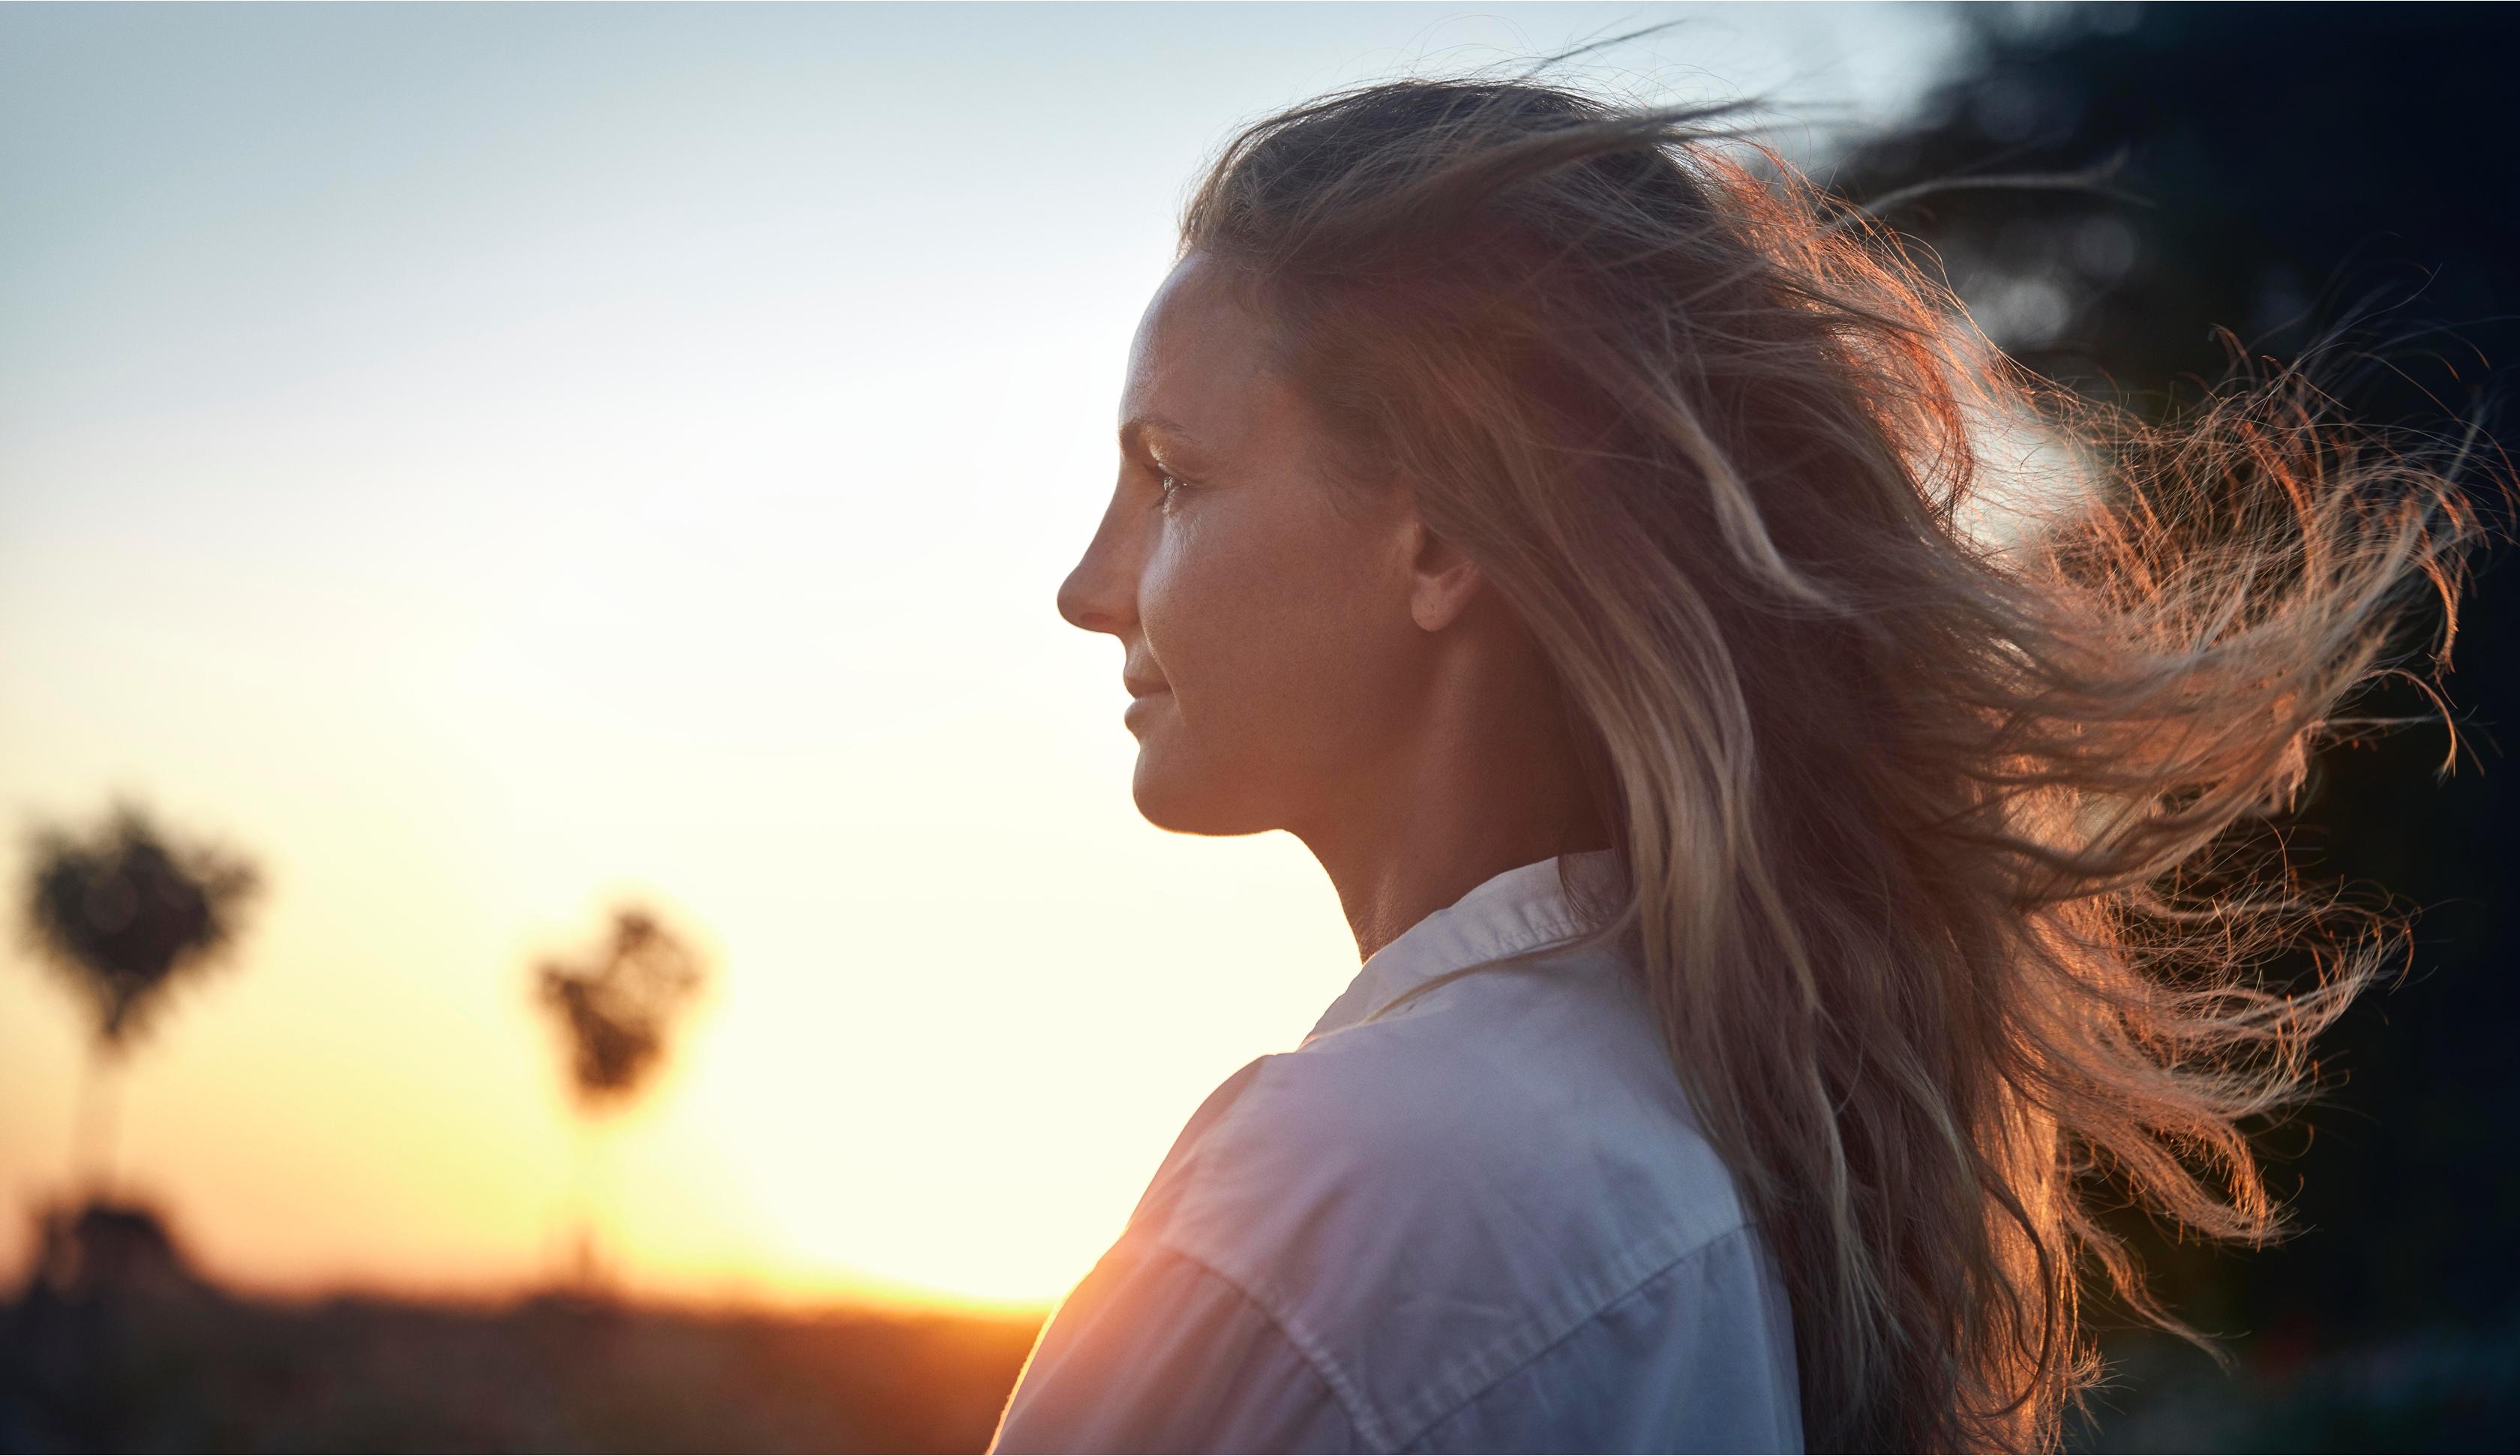 Närbild kvinna med långt hår i solnedgången